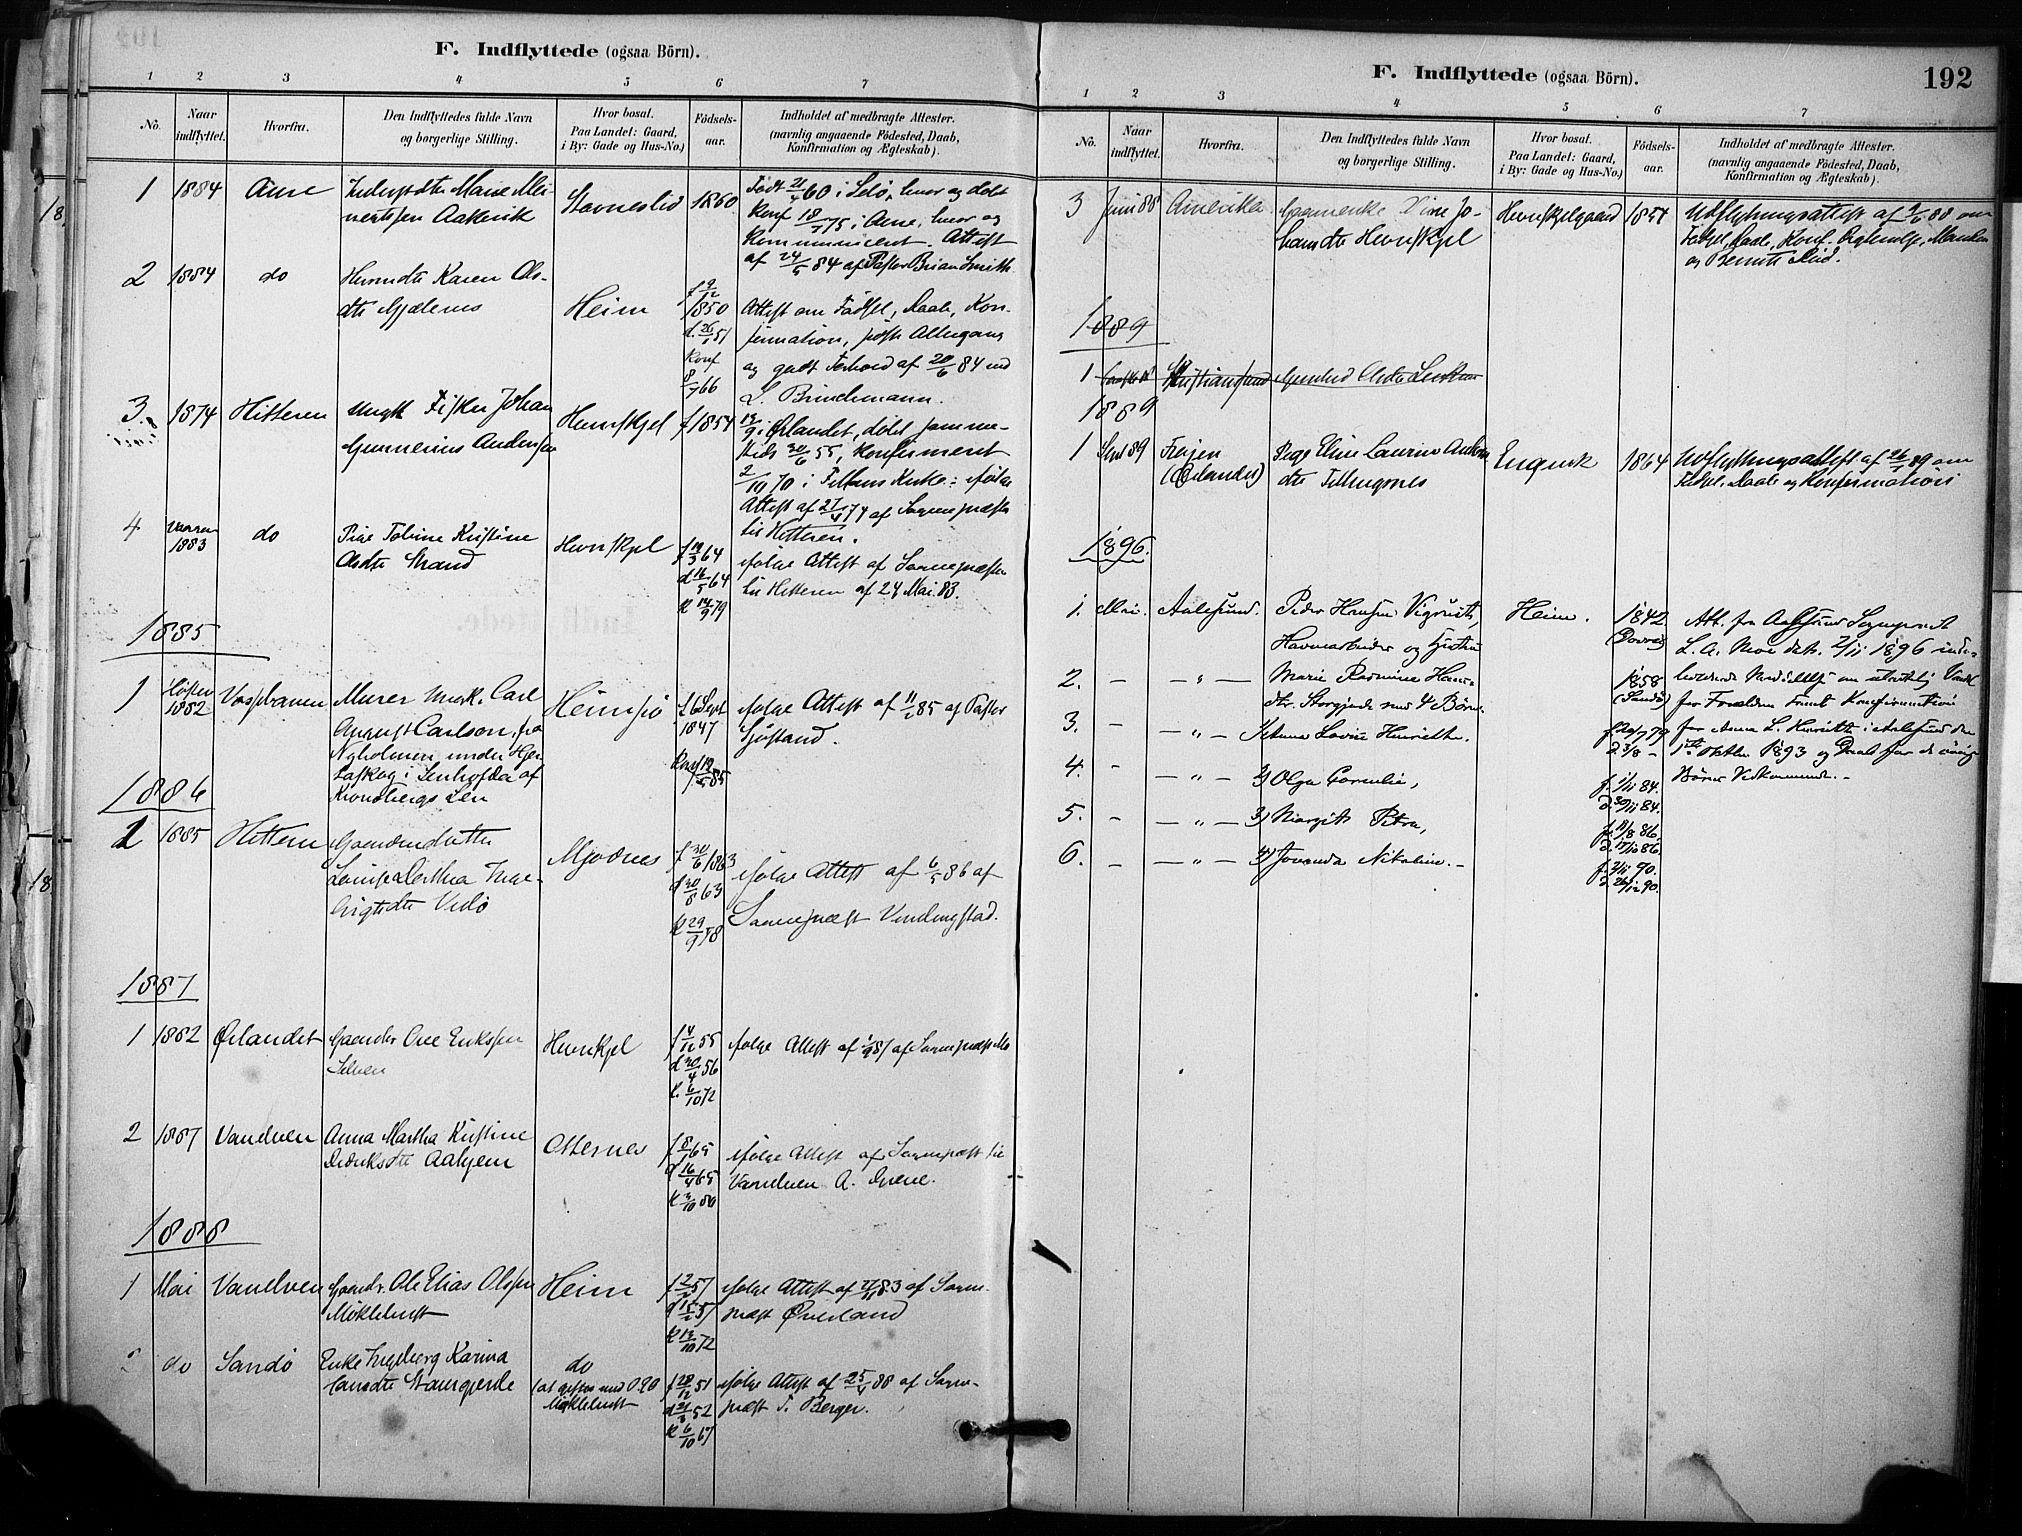 SAT, Ministerialprotokoller, klokkerbøker og fødselsregistre - Sør-Trøndelag, 633/L0518: Ministerialbok nr. 633A01, 1884-1906, s. 192